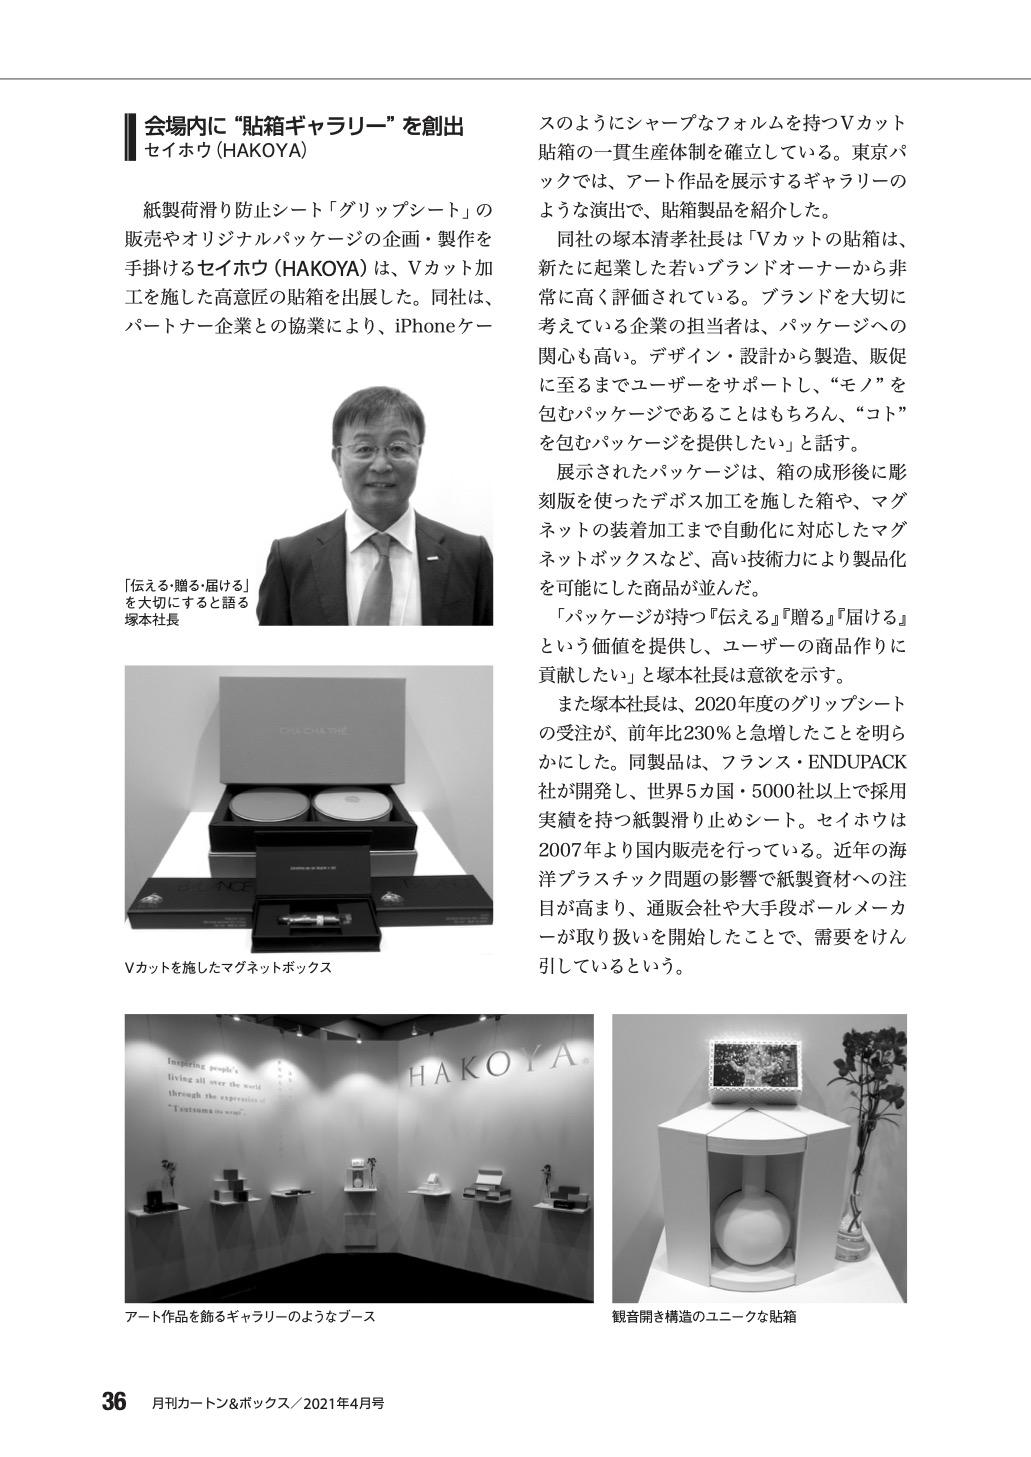 『月刊カートン&BOX』4月1日発売号に弊社の取組を掲載いただきました。